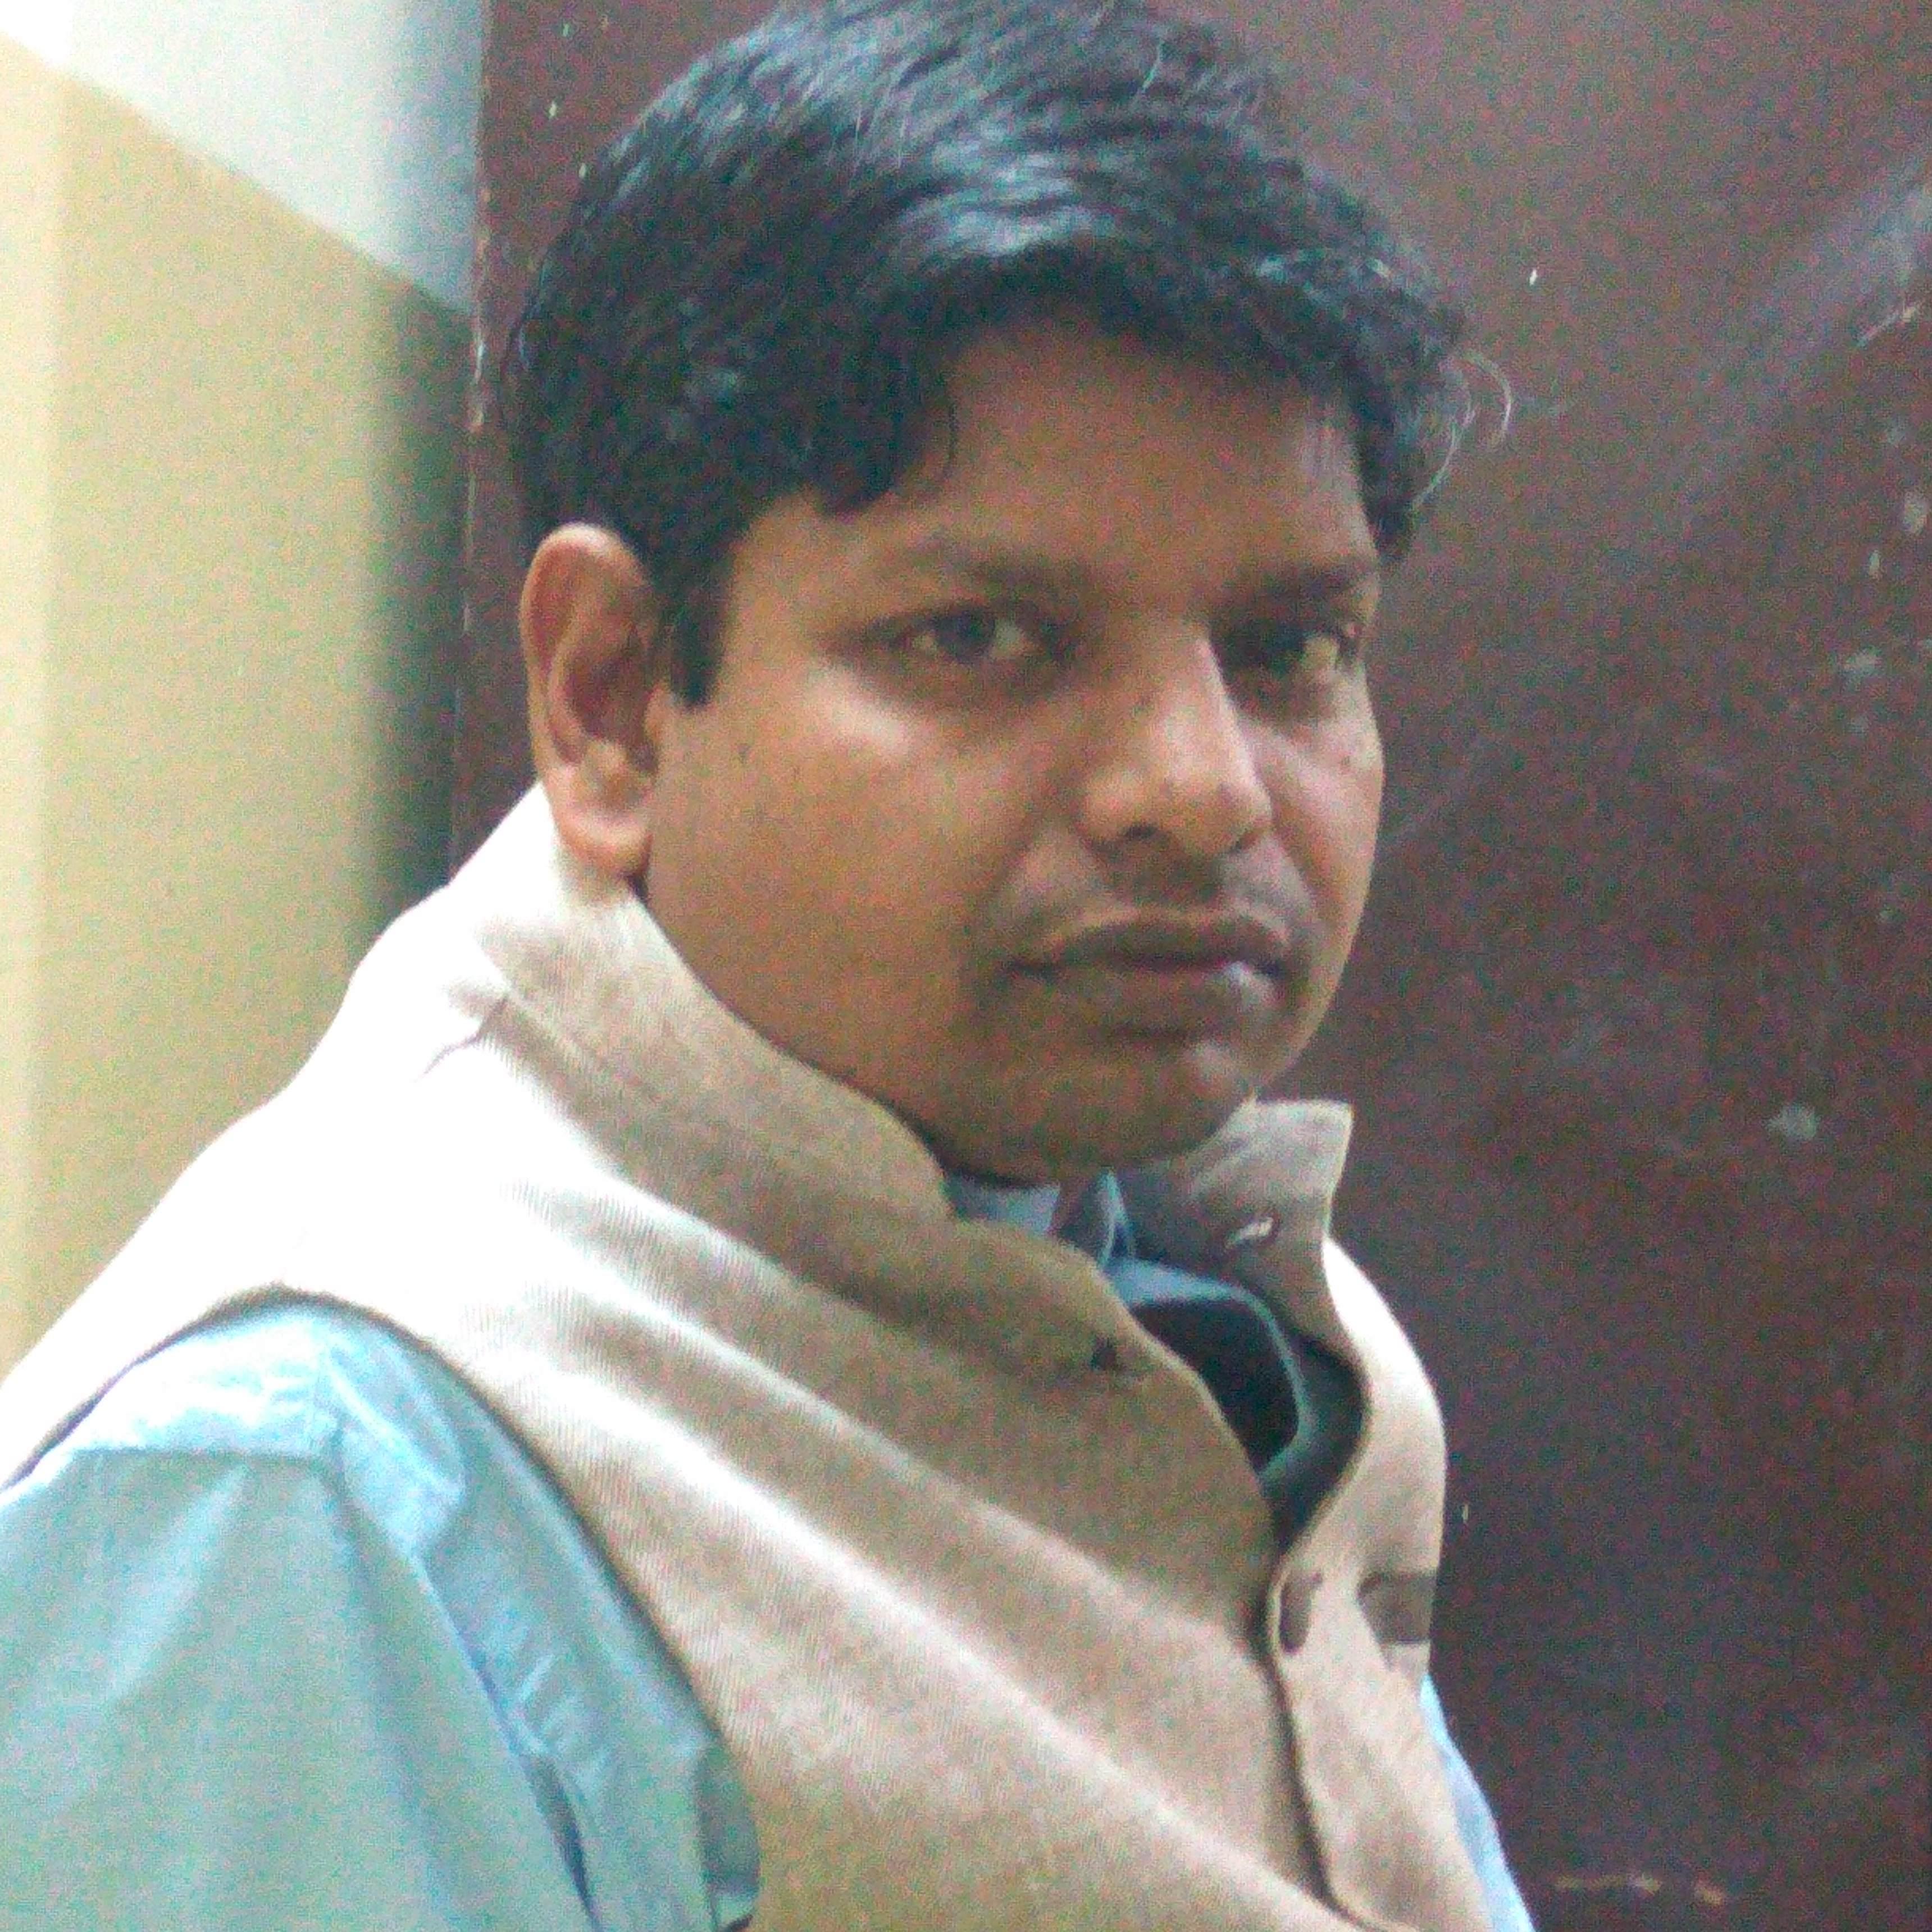 Pushkar panwar bhoi